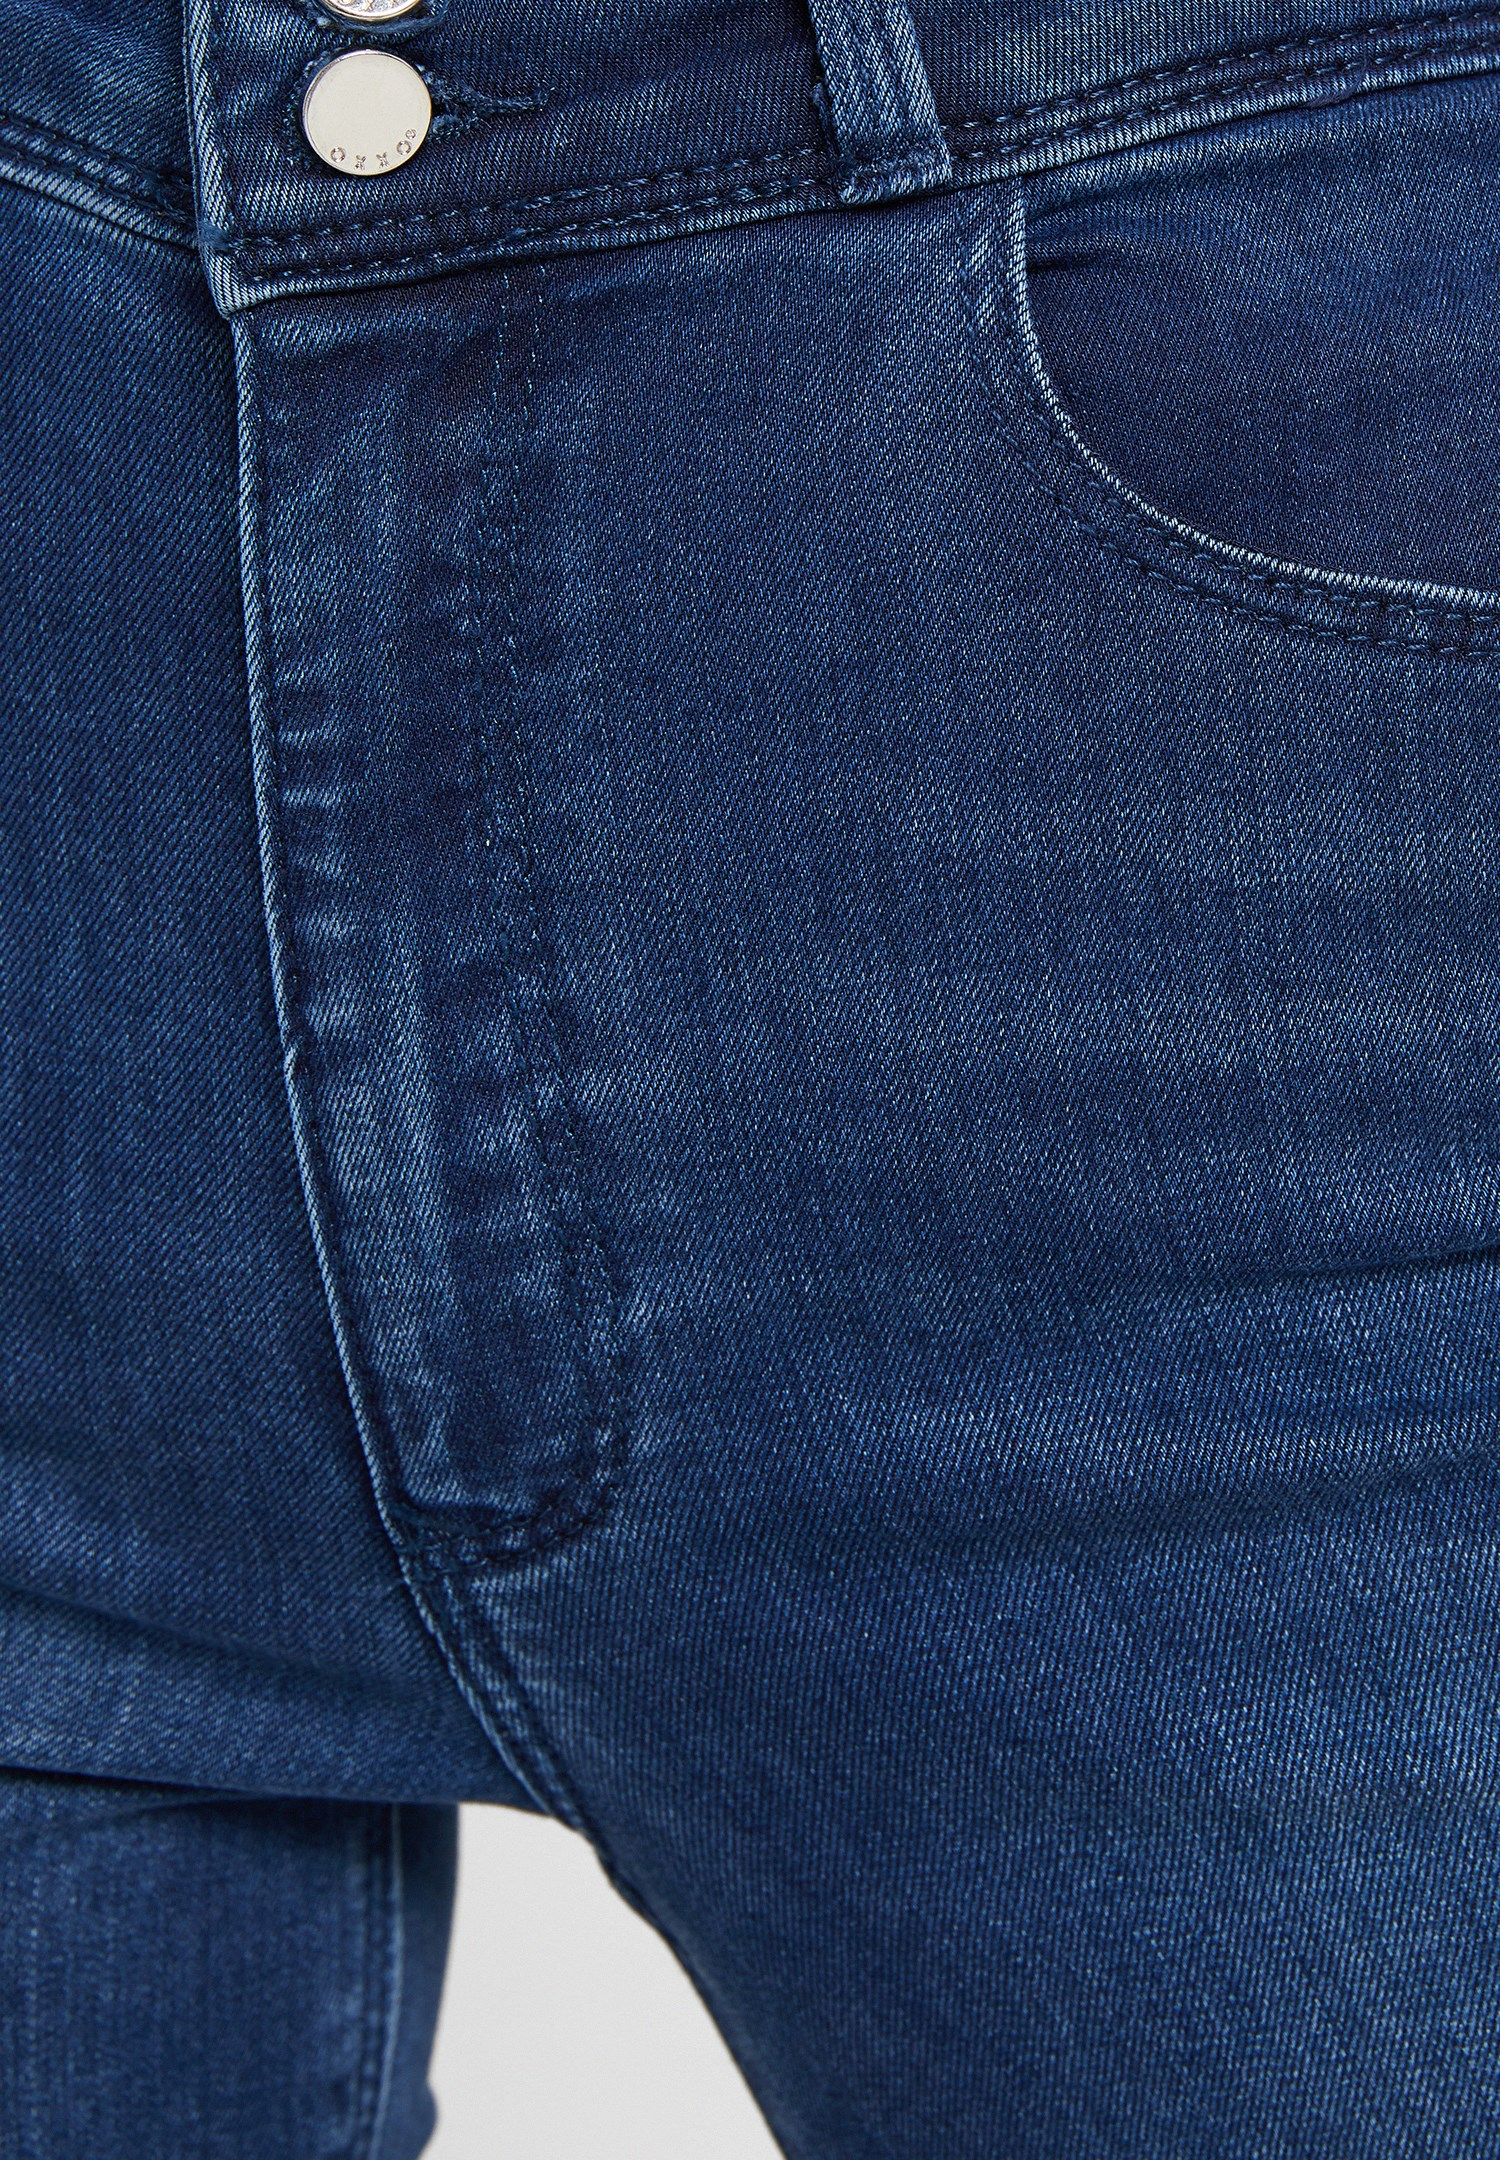 Bayan Mavi Yüksek Bel Dar Paça Detaylı Çift Düğmeli Pantolon